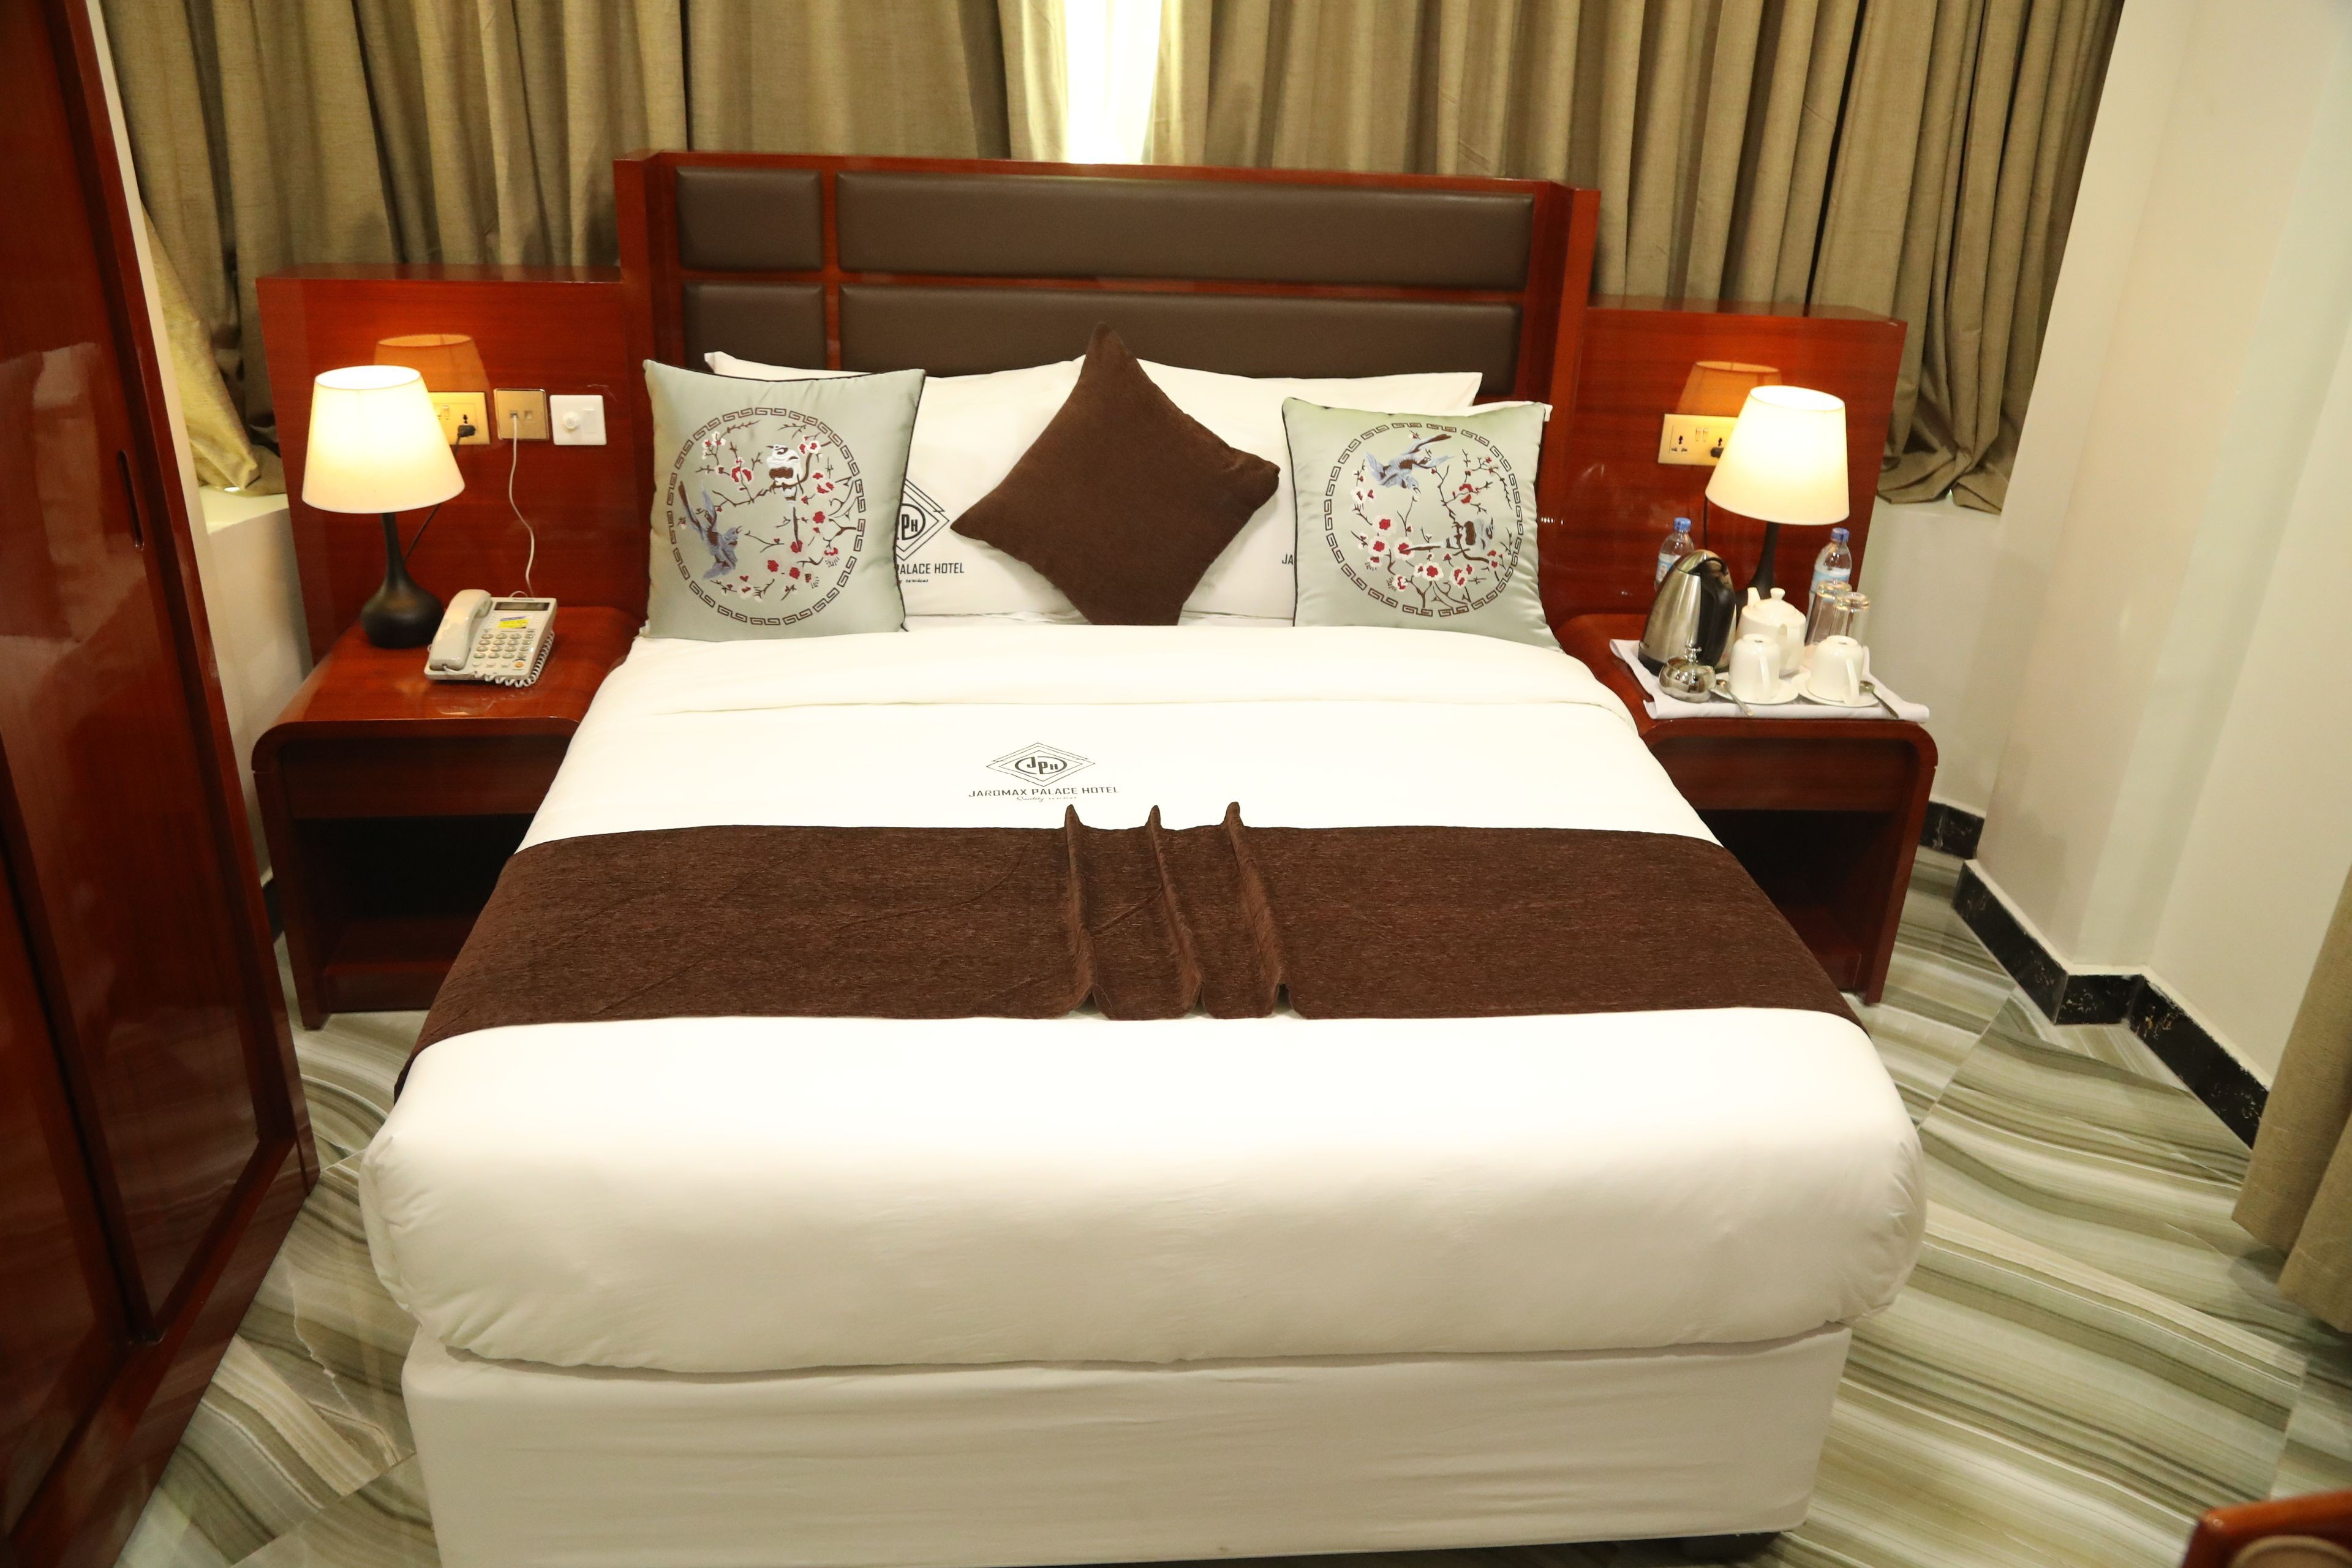 Courtesy of Jaromax Palace Hotel / Expedia